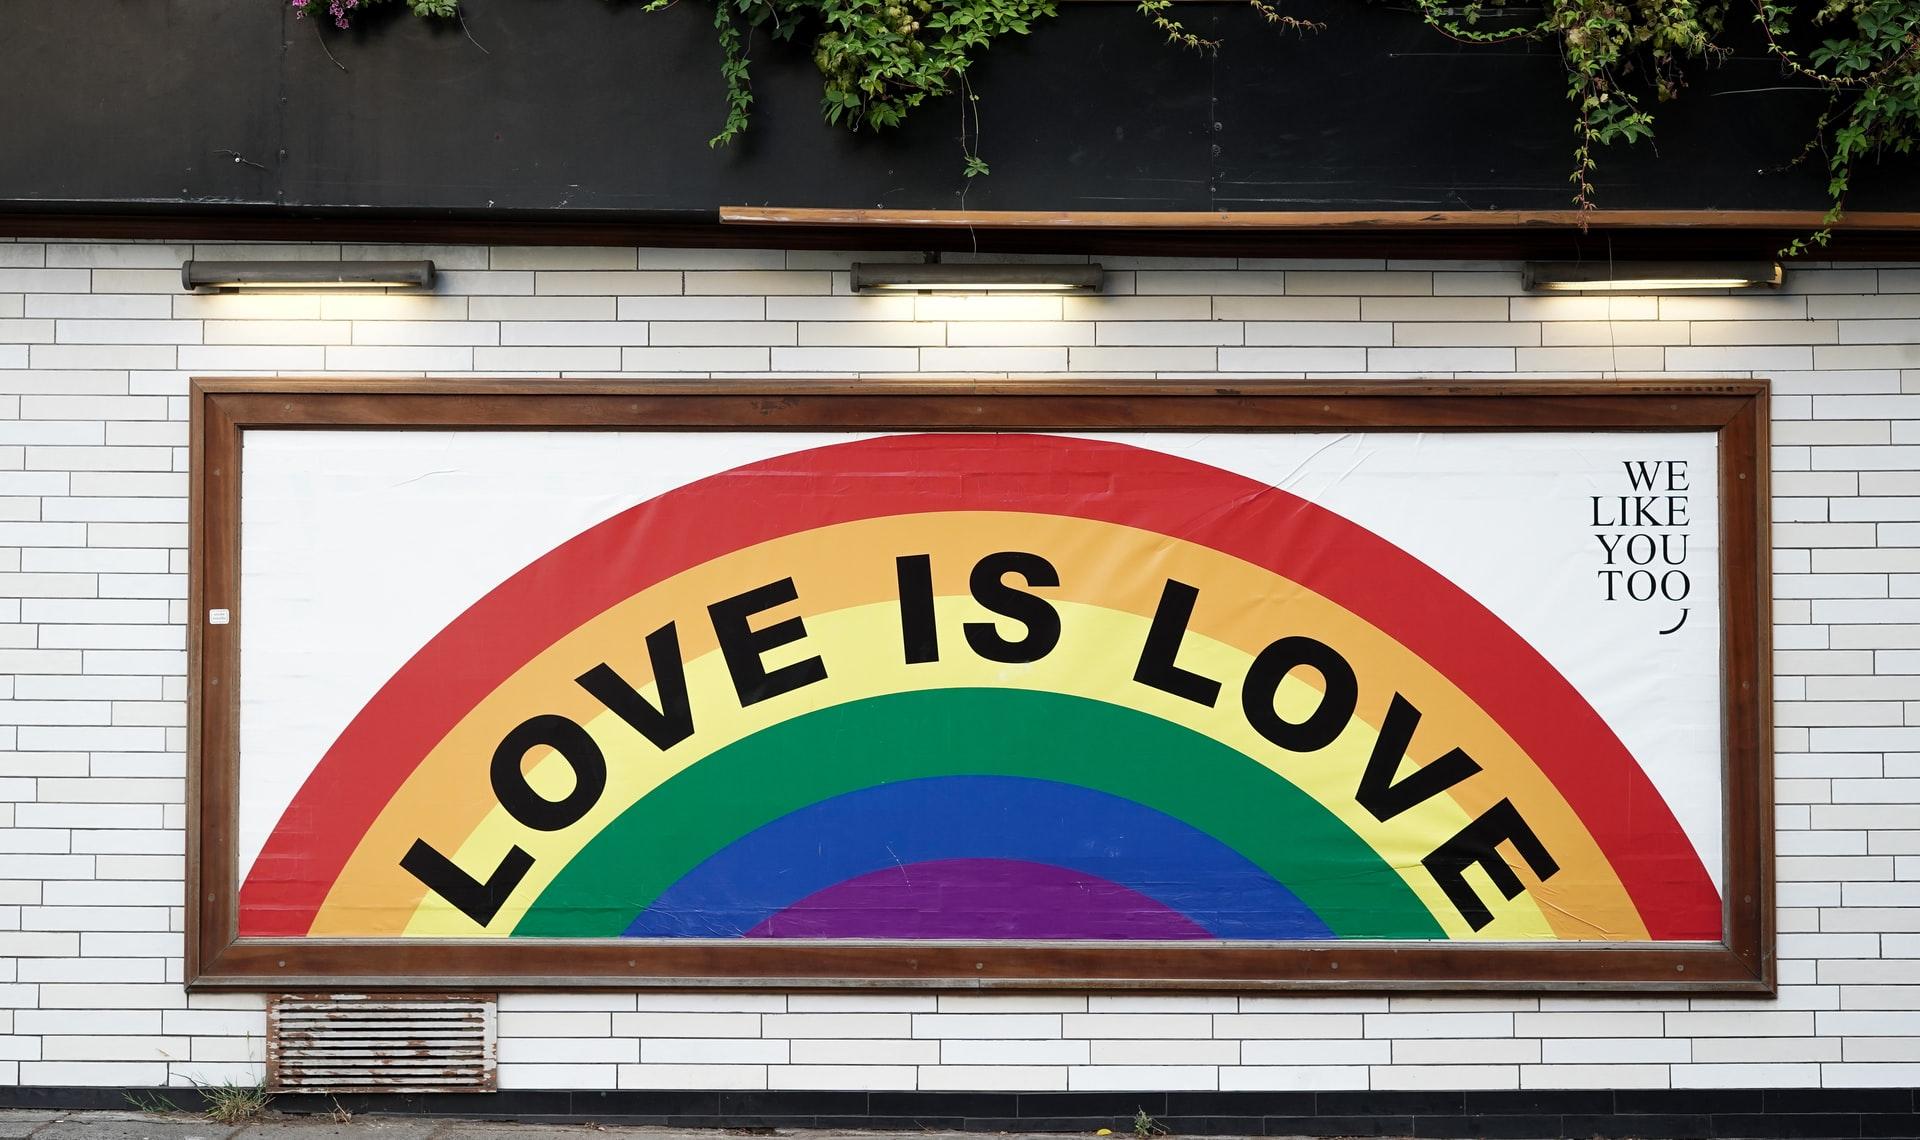 seksuaalisuus, seksi, suhteet, moniavioisuus, monogamia, polyamoria, avoimet suhteet, monisuhteet, monisuhteisuus, panseksuaalisuus, pride, gay